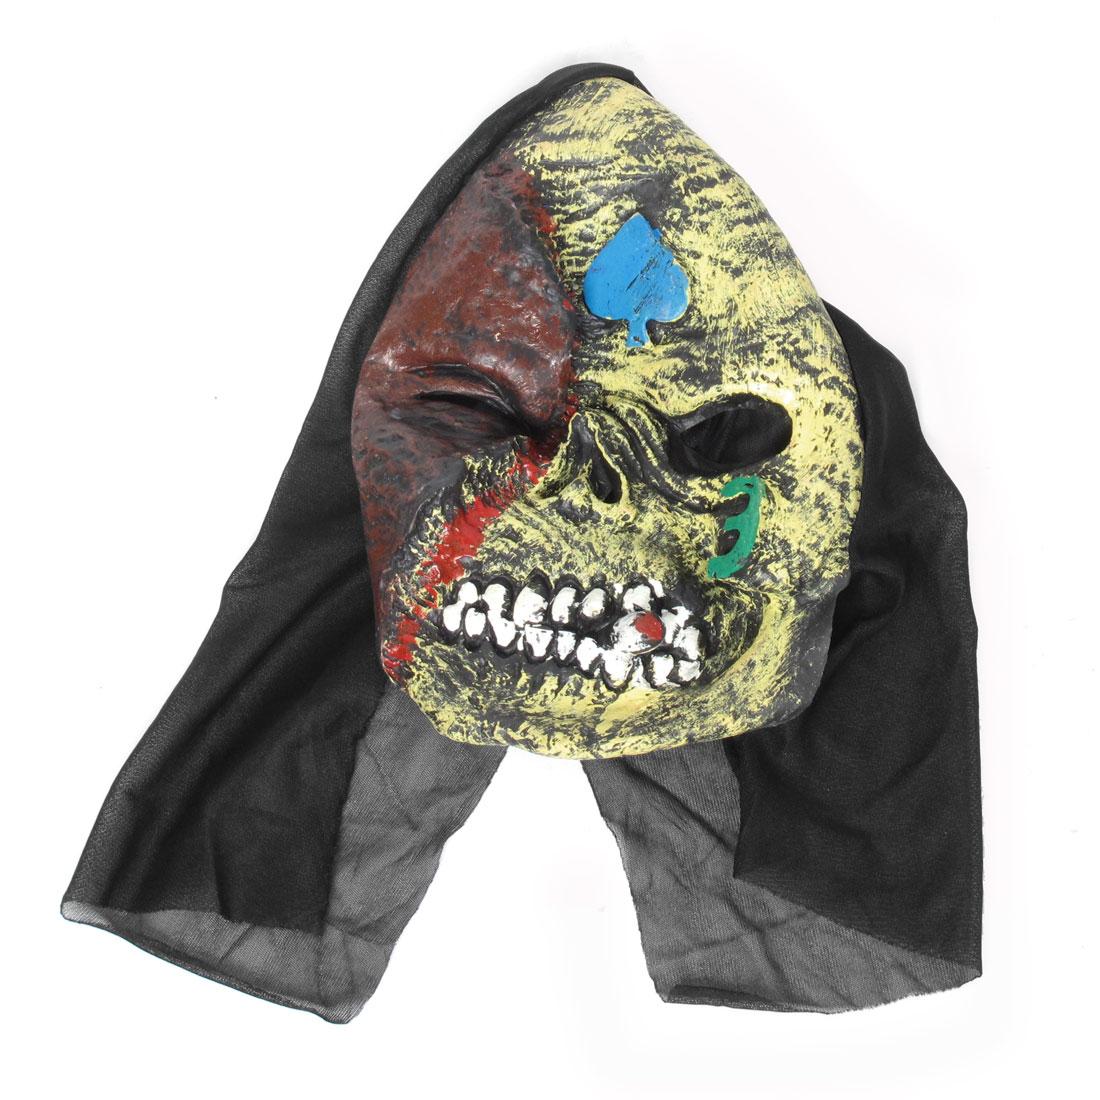 Halloween Party Skull Style Scare Demon Full Face Horrific Mask